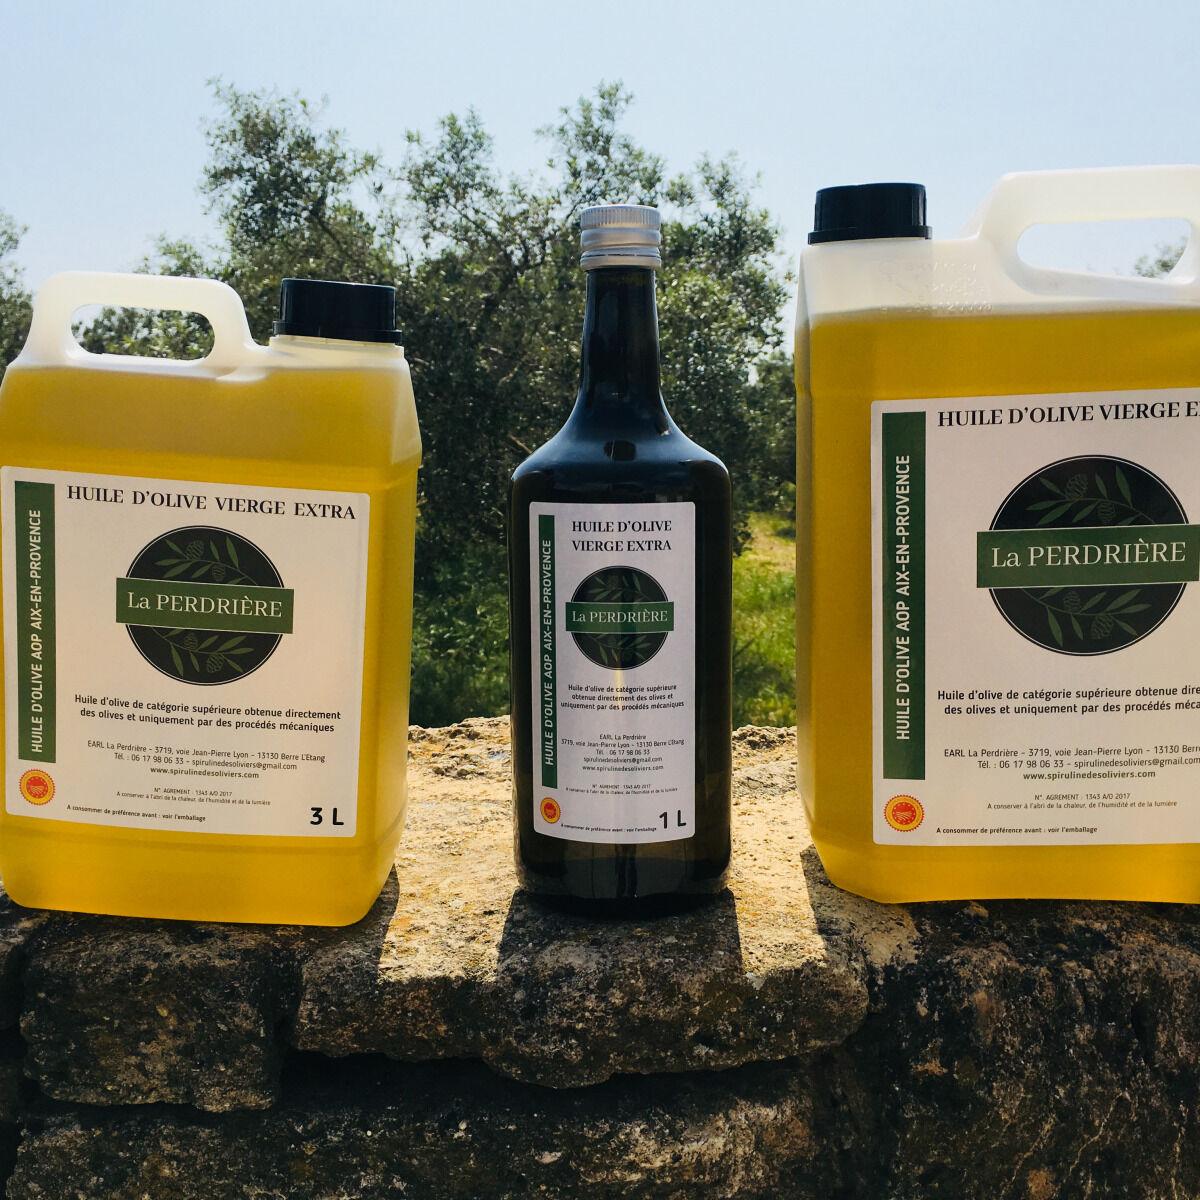 Spiruline des Oliviers Huile D'olive Vierge Extra Aop Aix-en-provence 5L